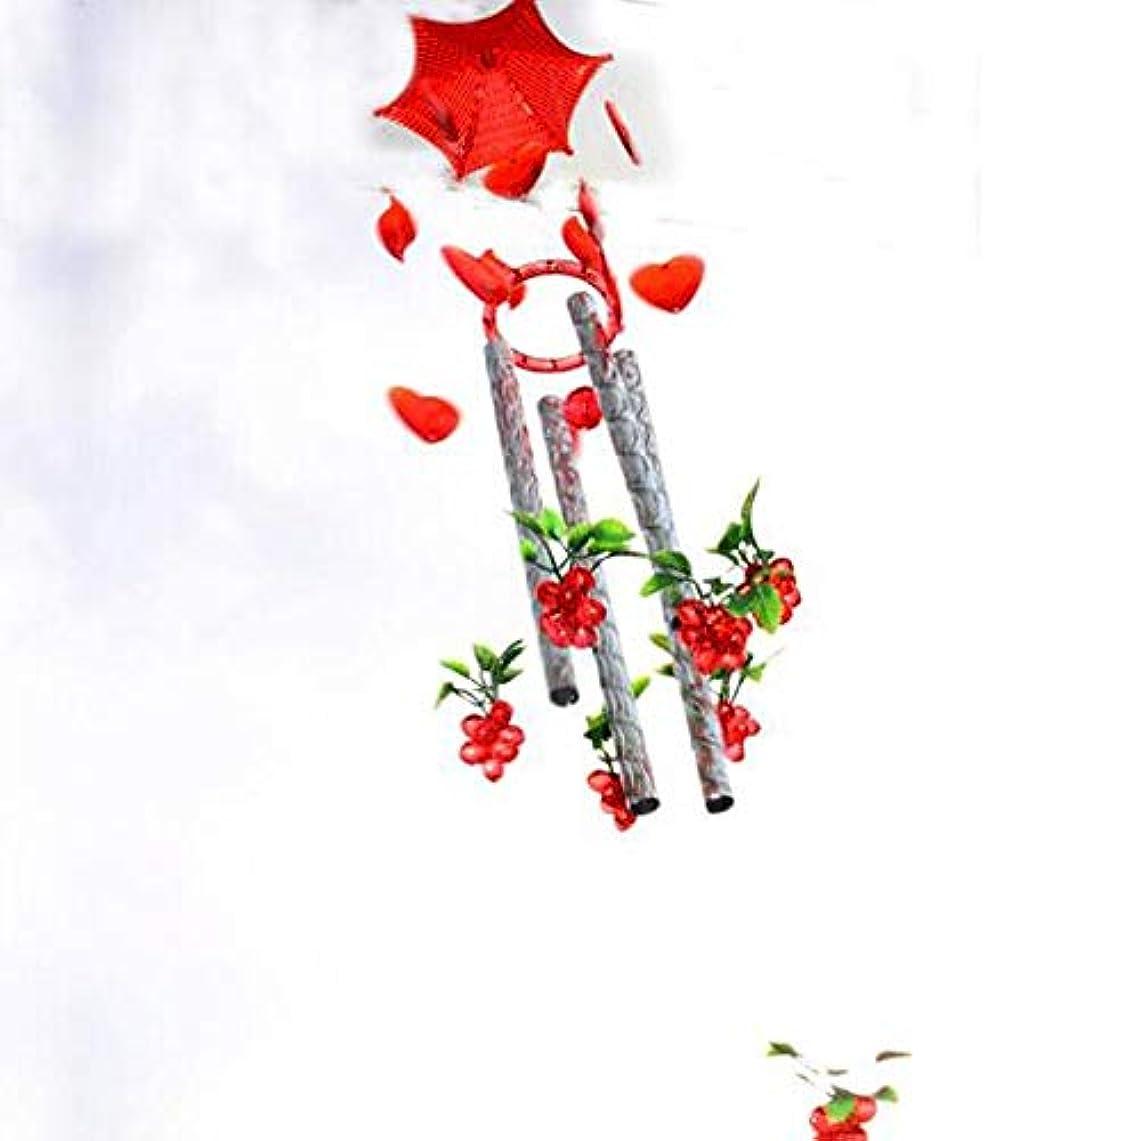 関係する思想通貨Gaoxingbianlidian001 風チャイム、プラスチック金属の庭ブドウ風の鐘、ブルー、全身について80CM,楽しいホリデーギフト (Color : Red)